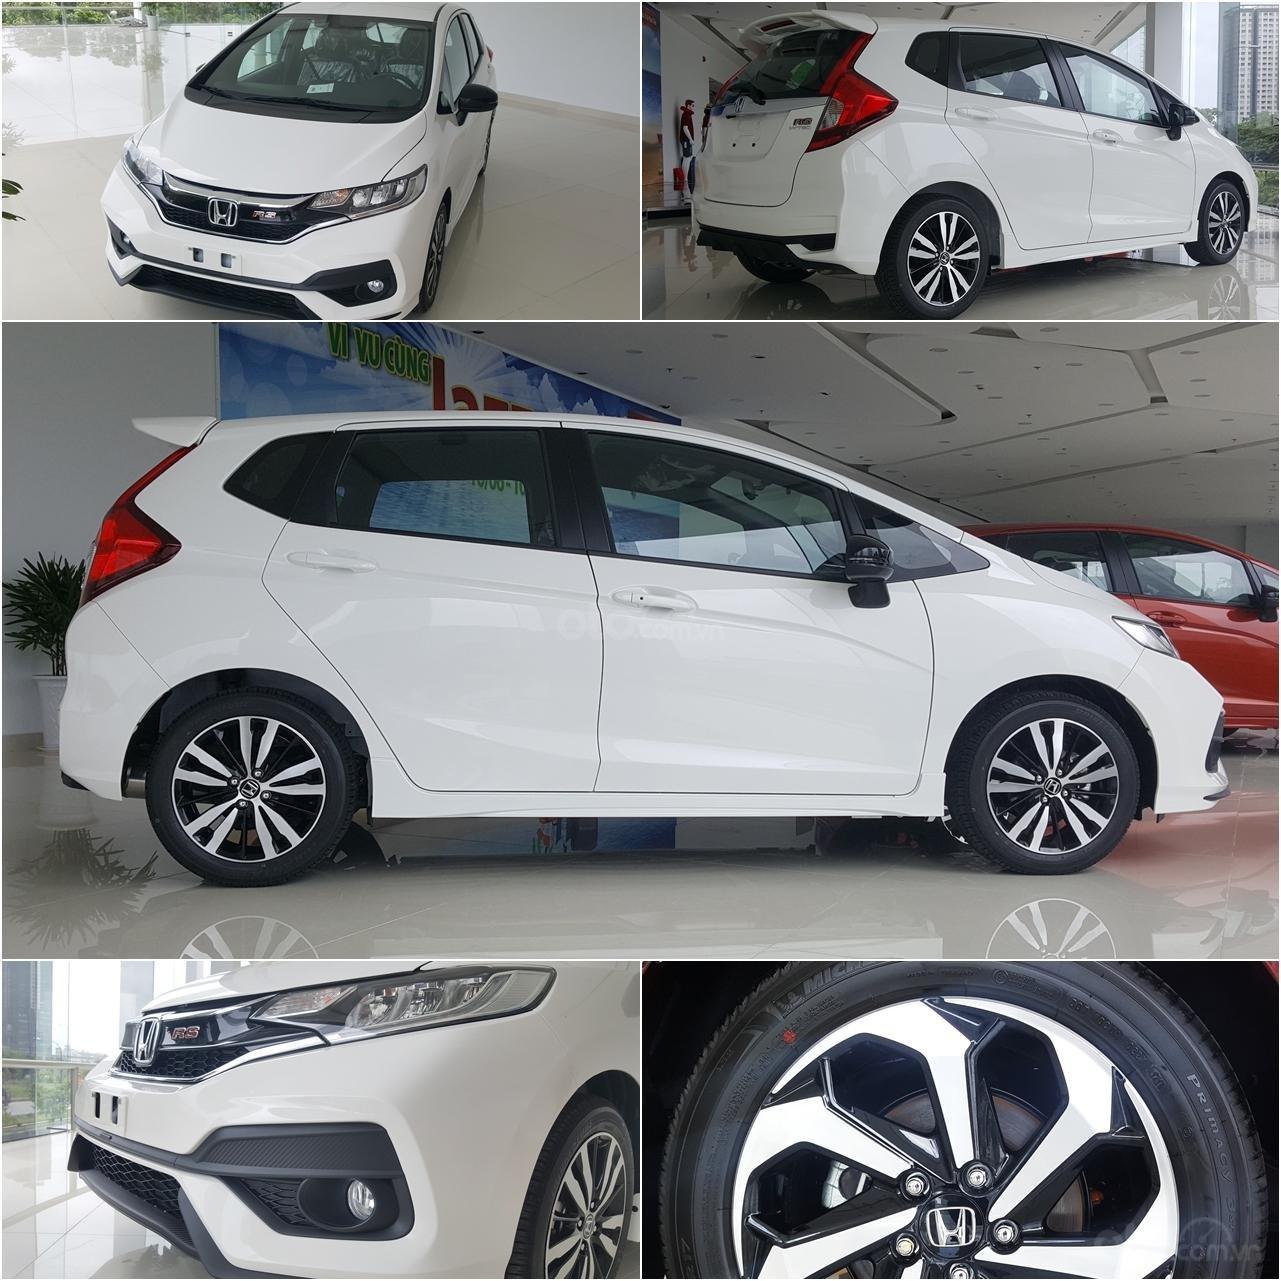 [SG] Bán Honda Jazz, màu trắng - Nhập Thái Lan - Tặng hơn 100 triệu - xin LH: 0901.898.383-7